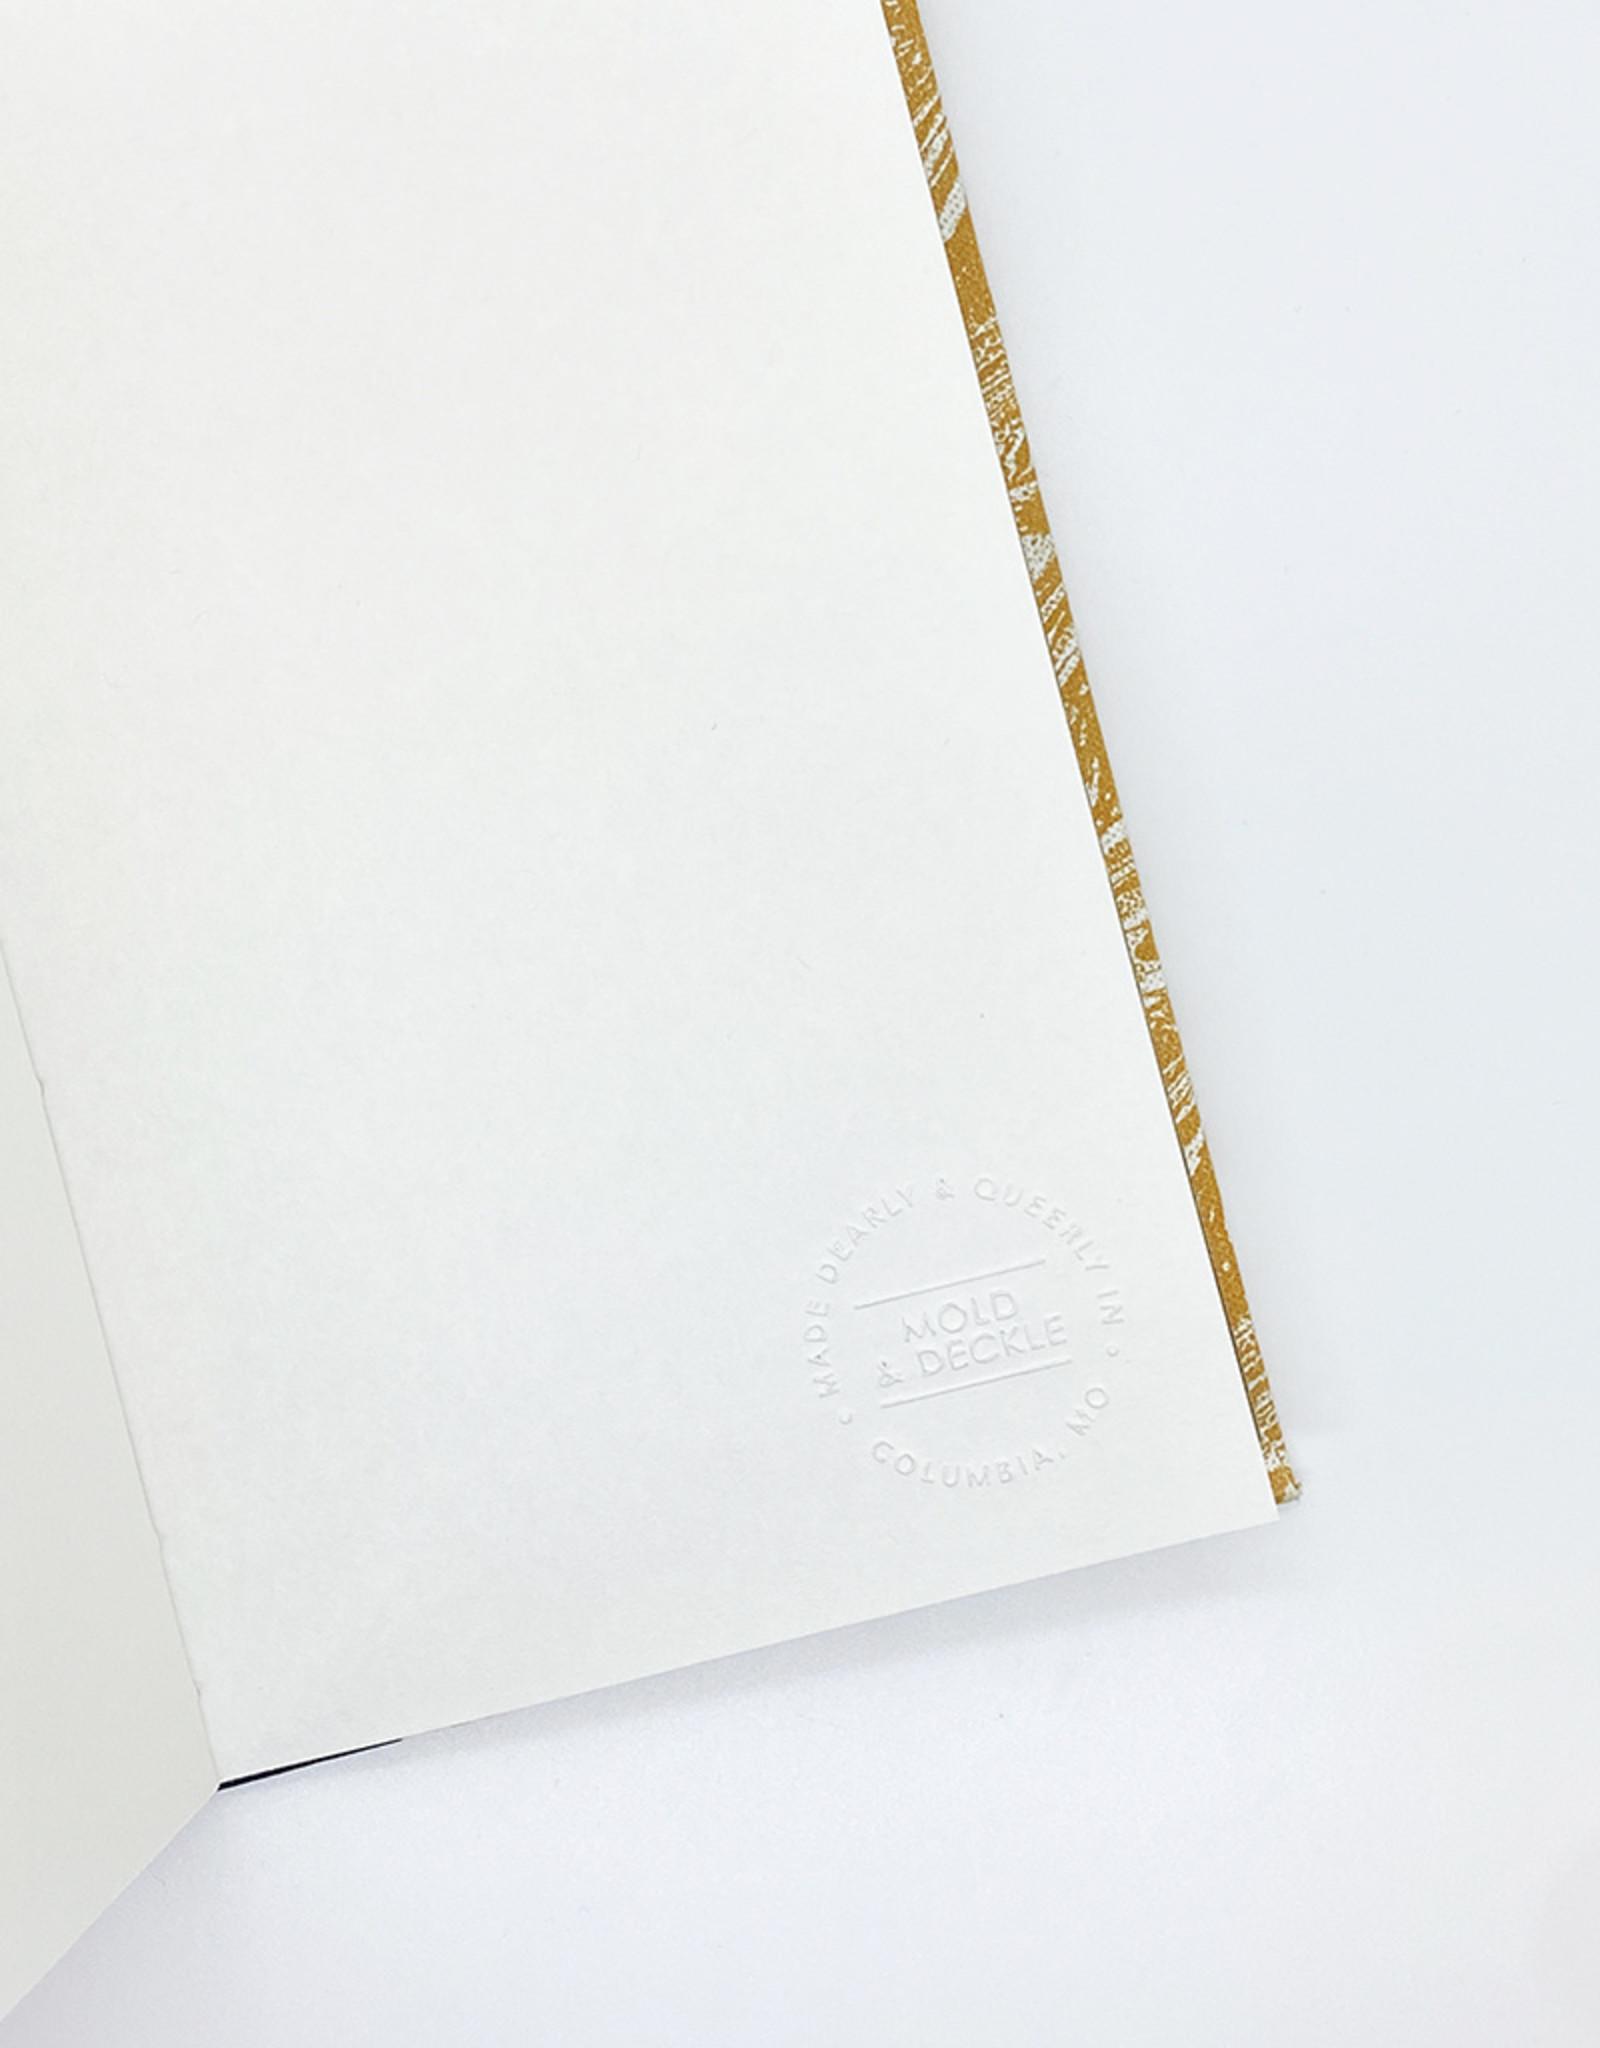 Mold & Deckle Folk // Sketch